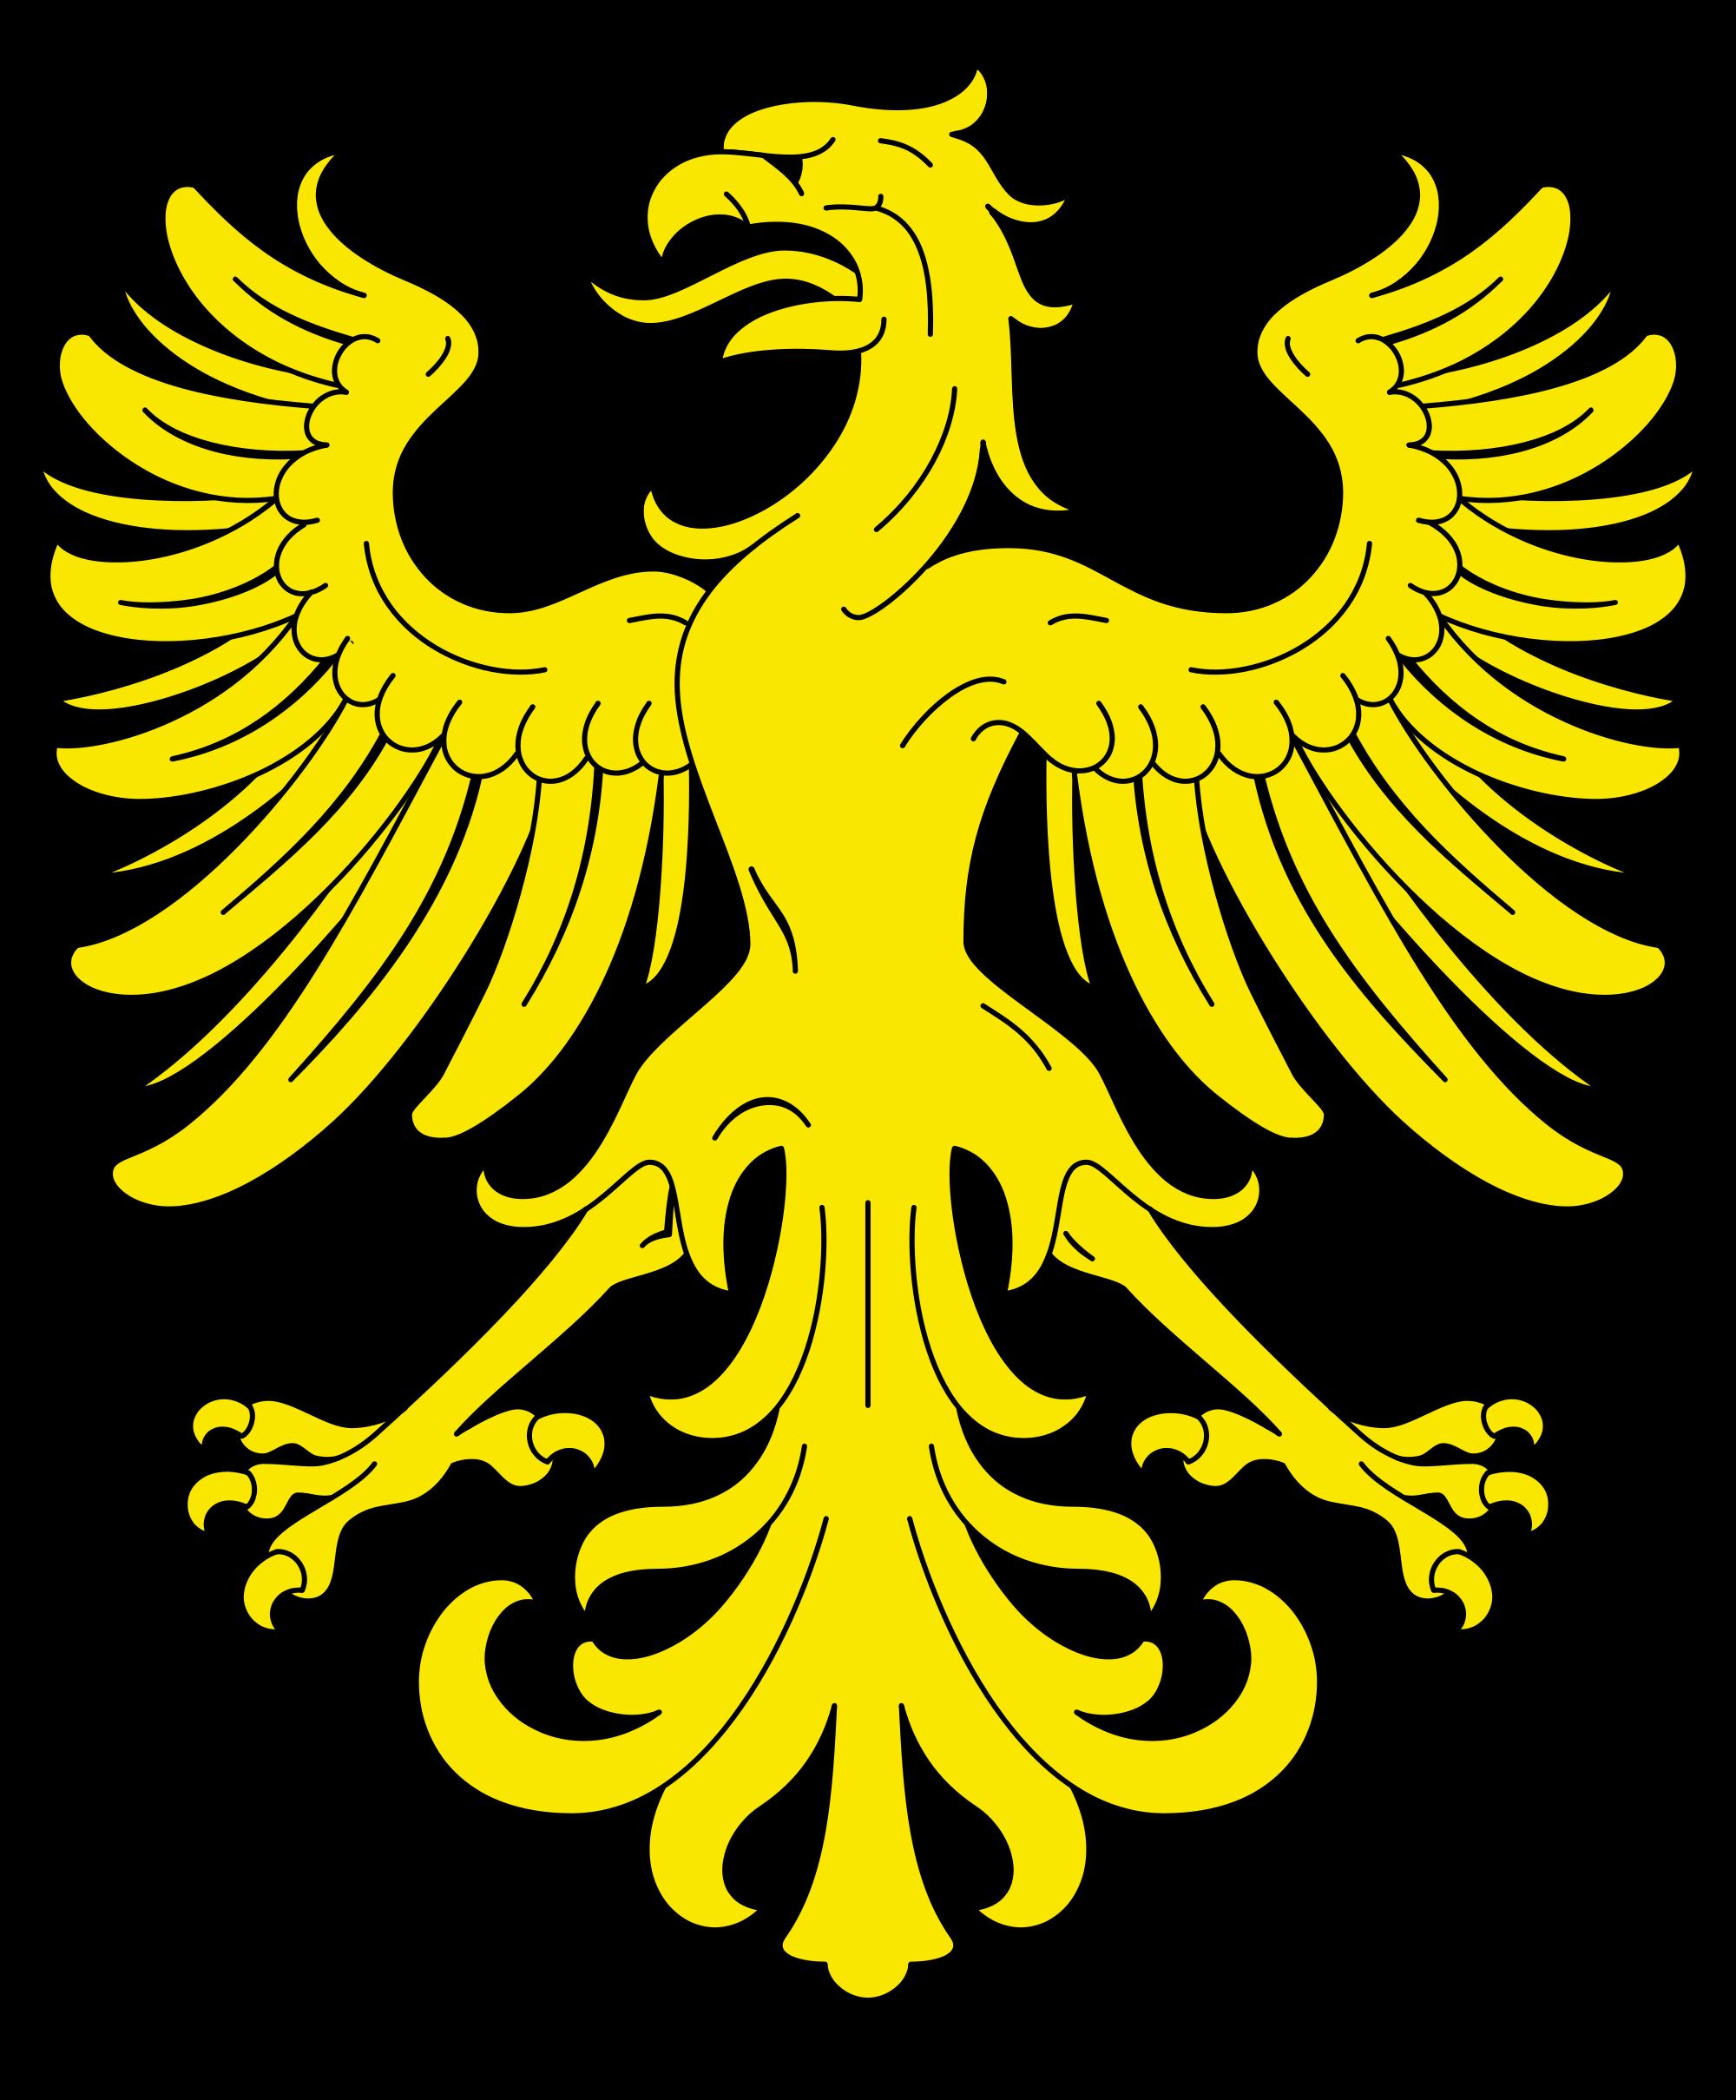 Shield heraldic